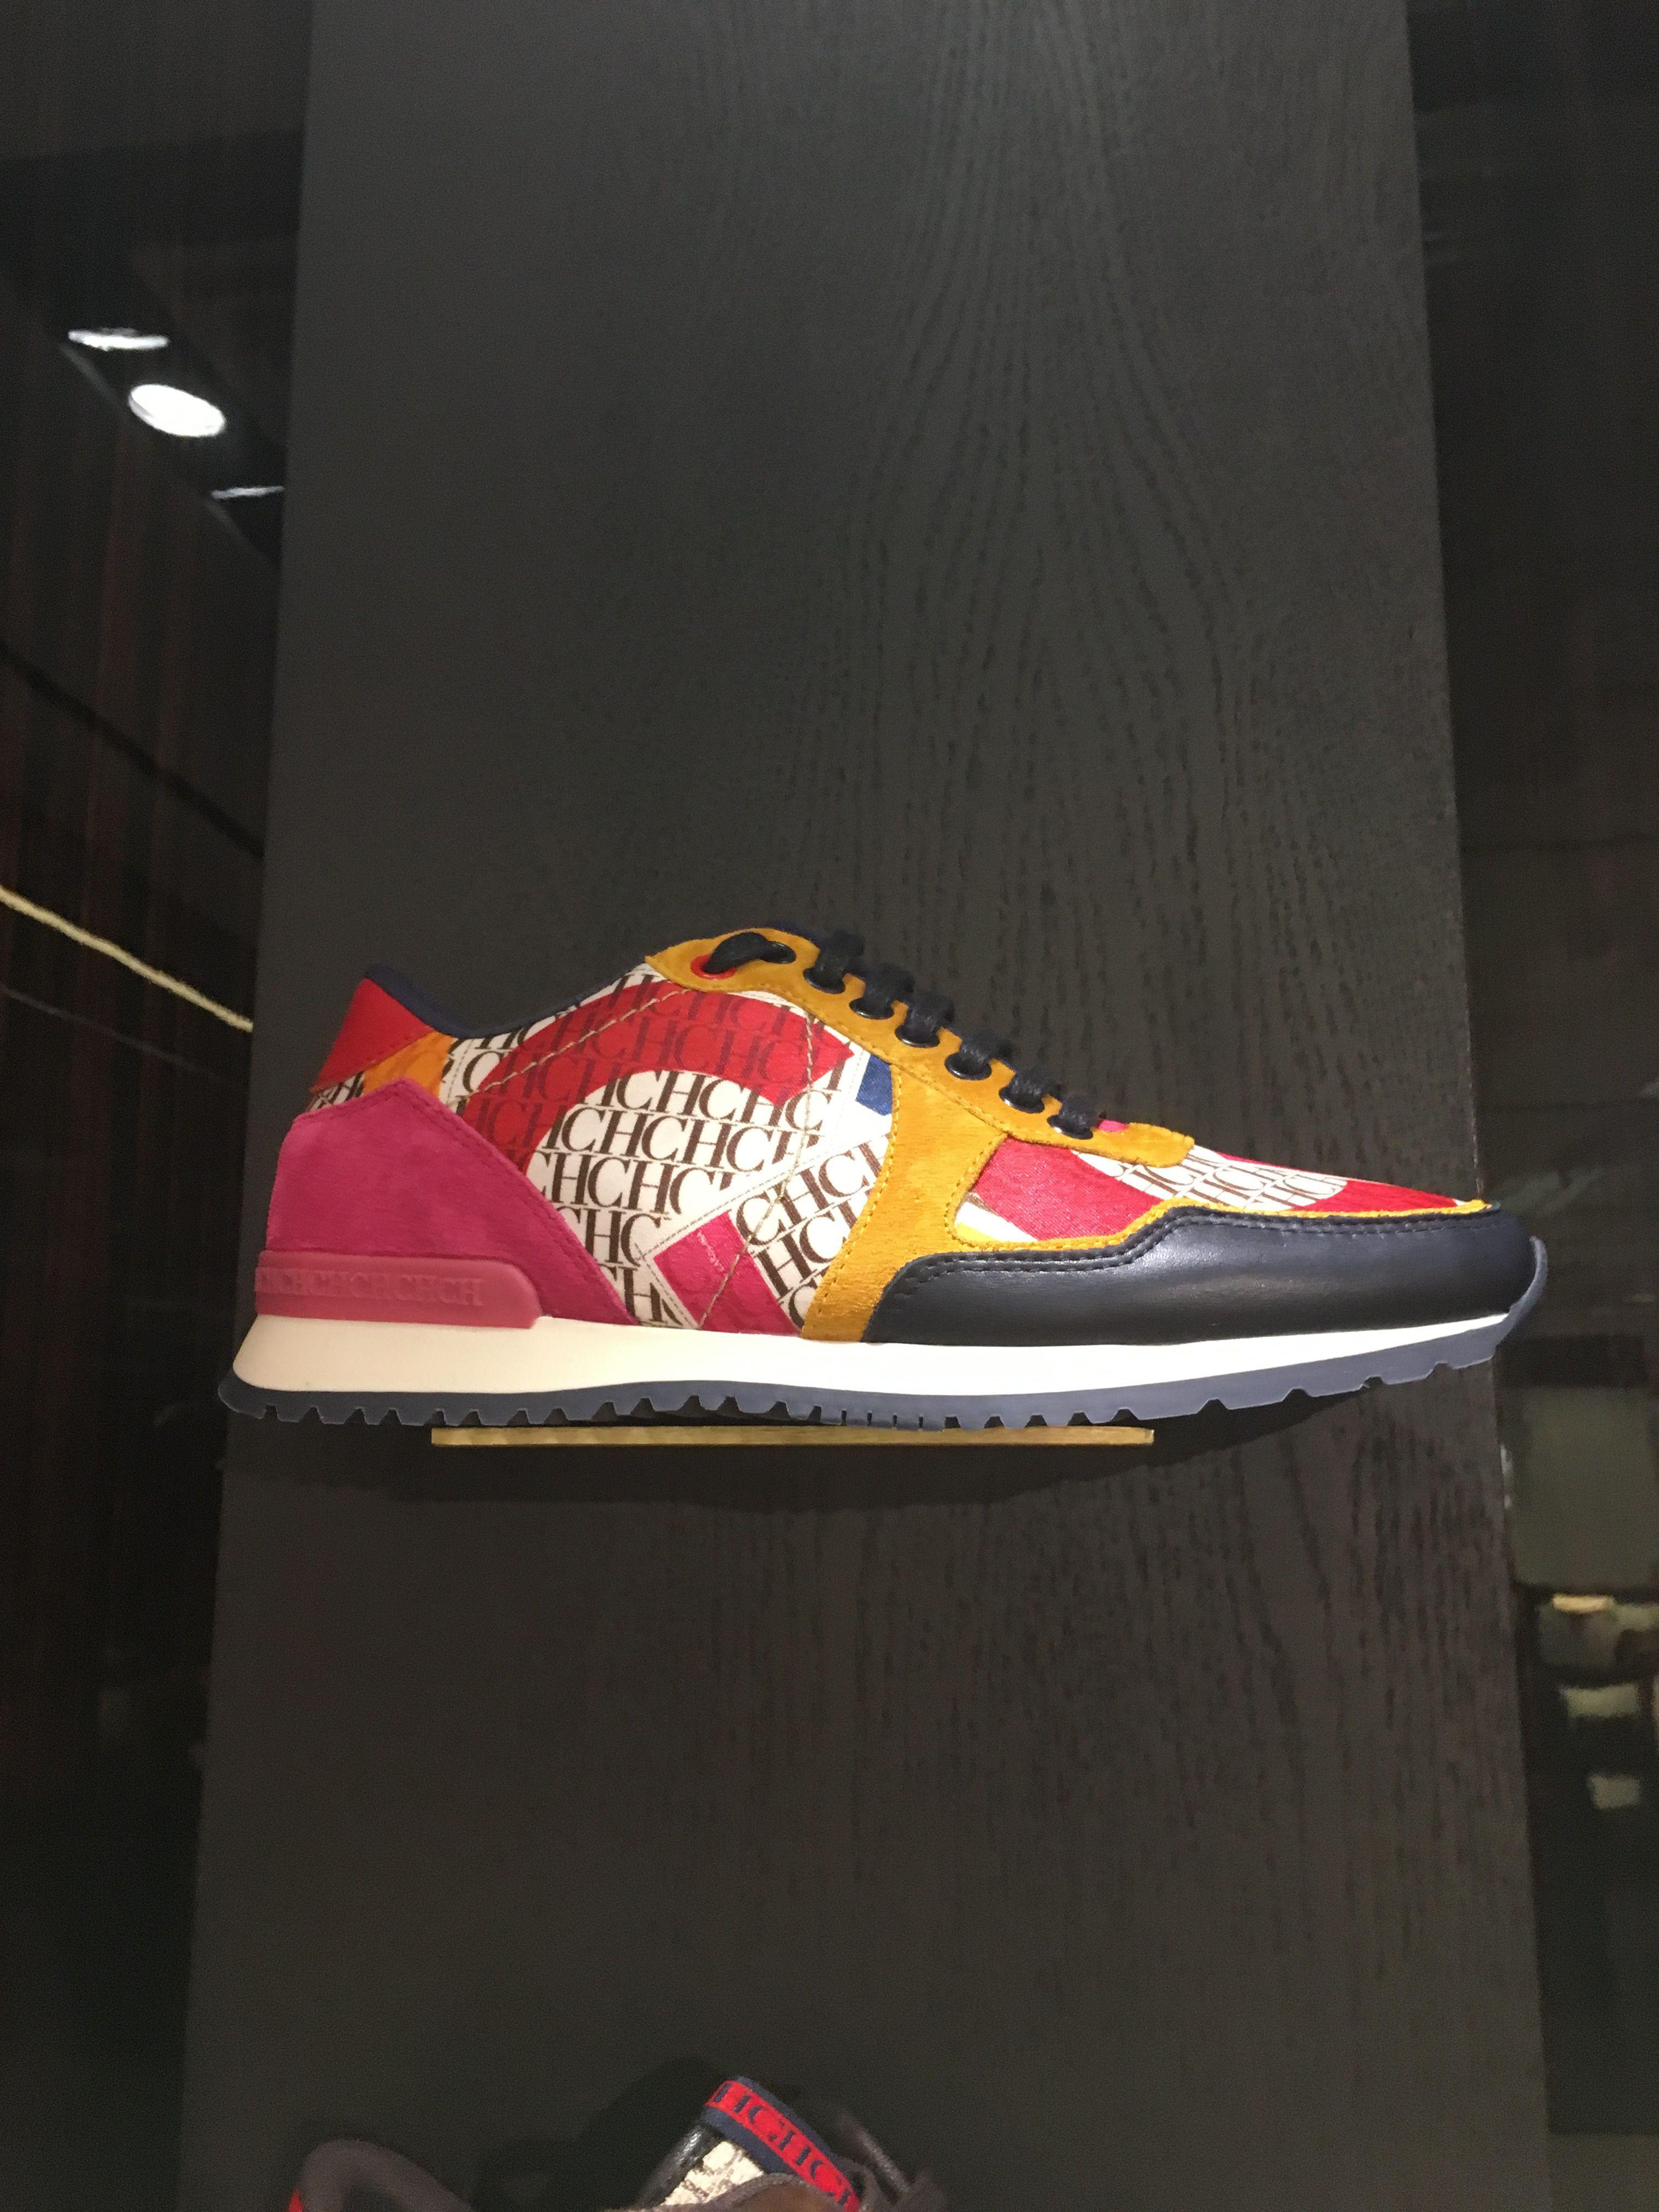 venta caliente más nuevo gran calidad diseño encantador Carolina Herrera sneaker 2016 | Zapatillas para correr en ...